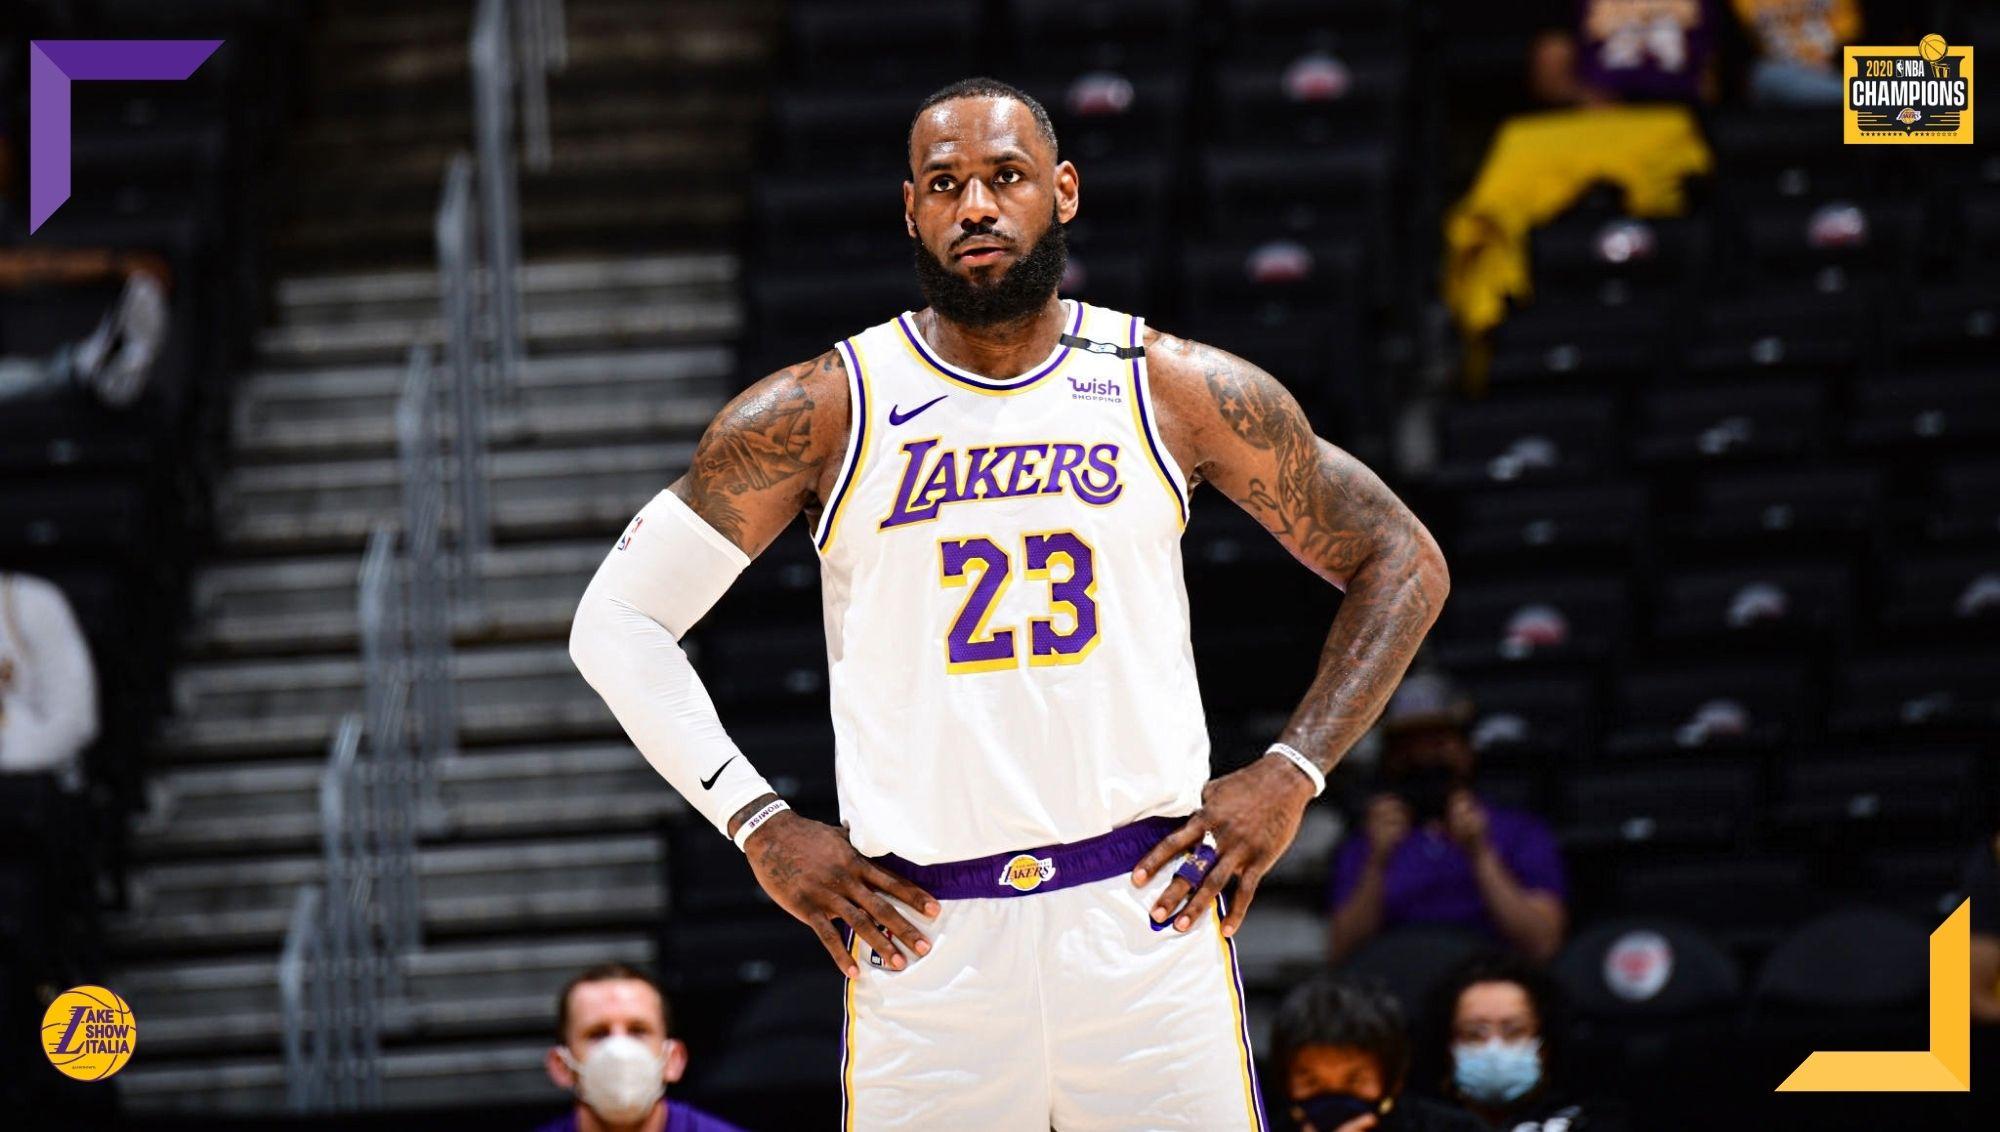 Ancora una sconfitta per i Los Angeles Lakers, che cedono il passo ai Toronto Raptors di Lowry e Siakam. LeBron James costretto ad uscire nel finale.